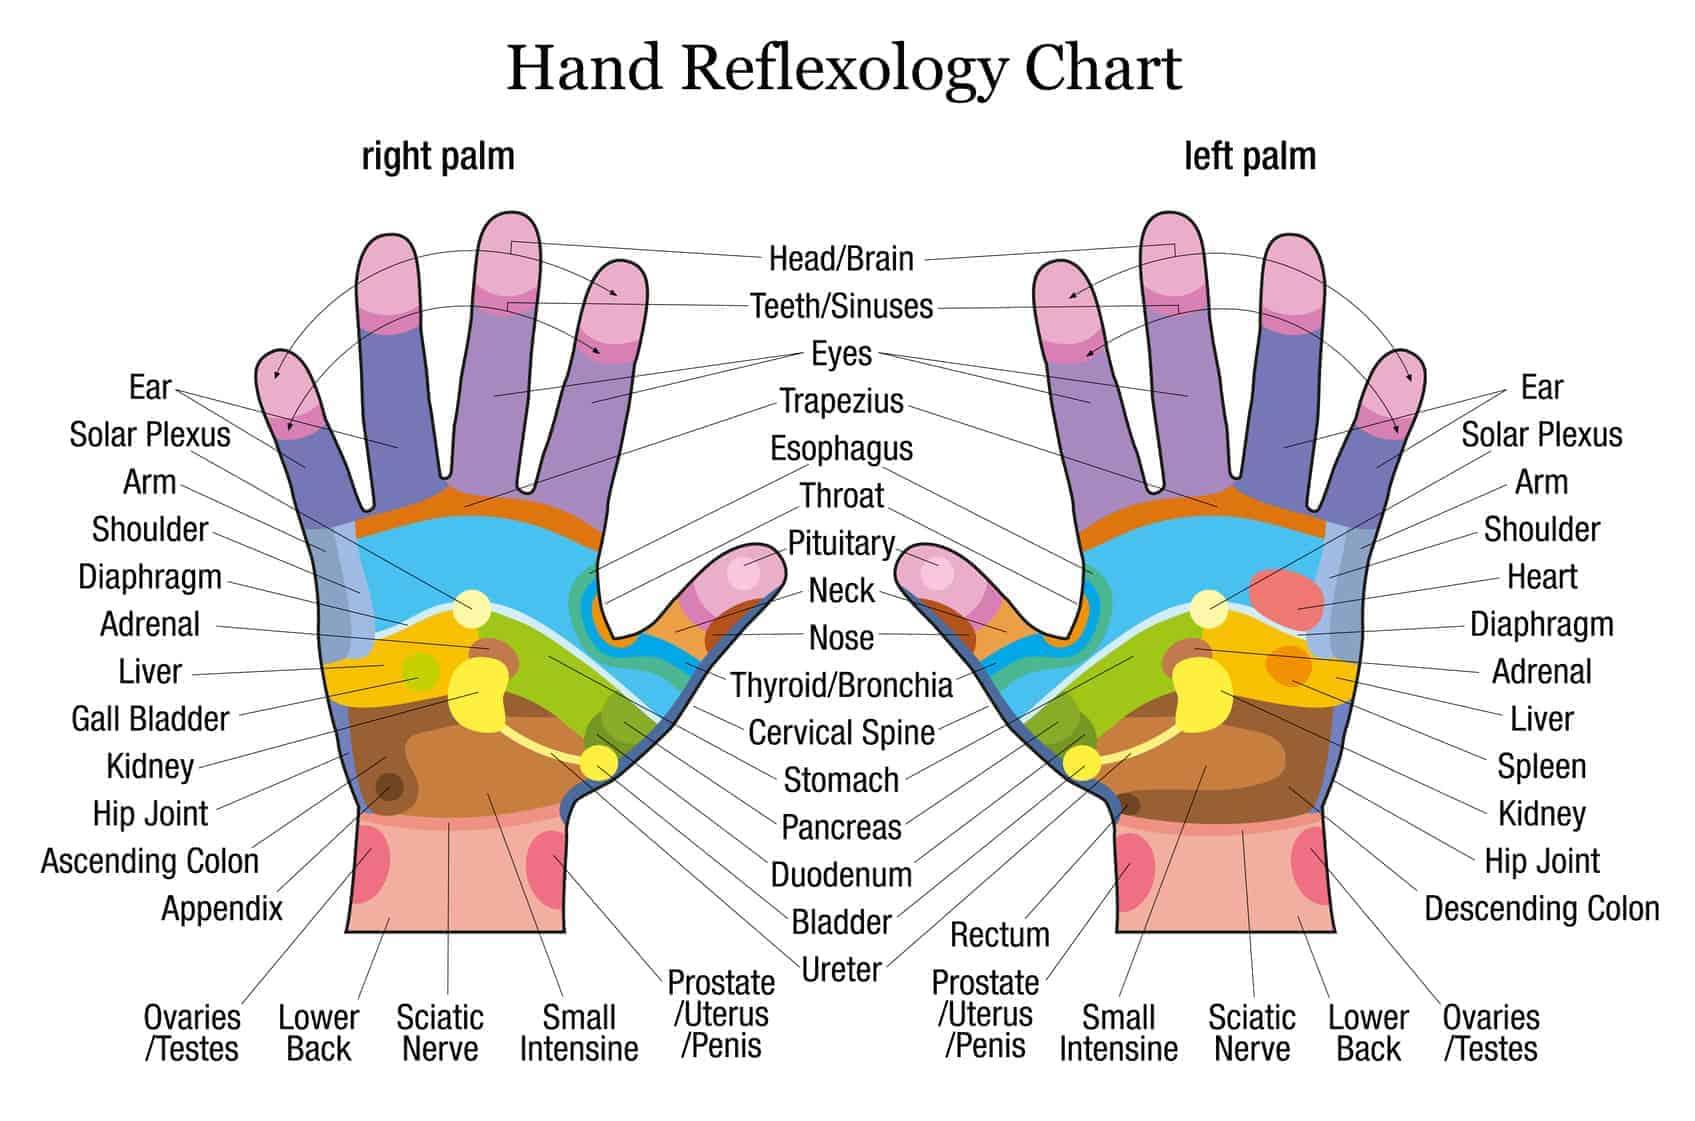 hight resolution of hands reflexology